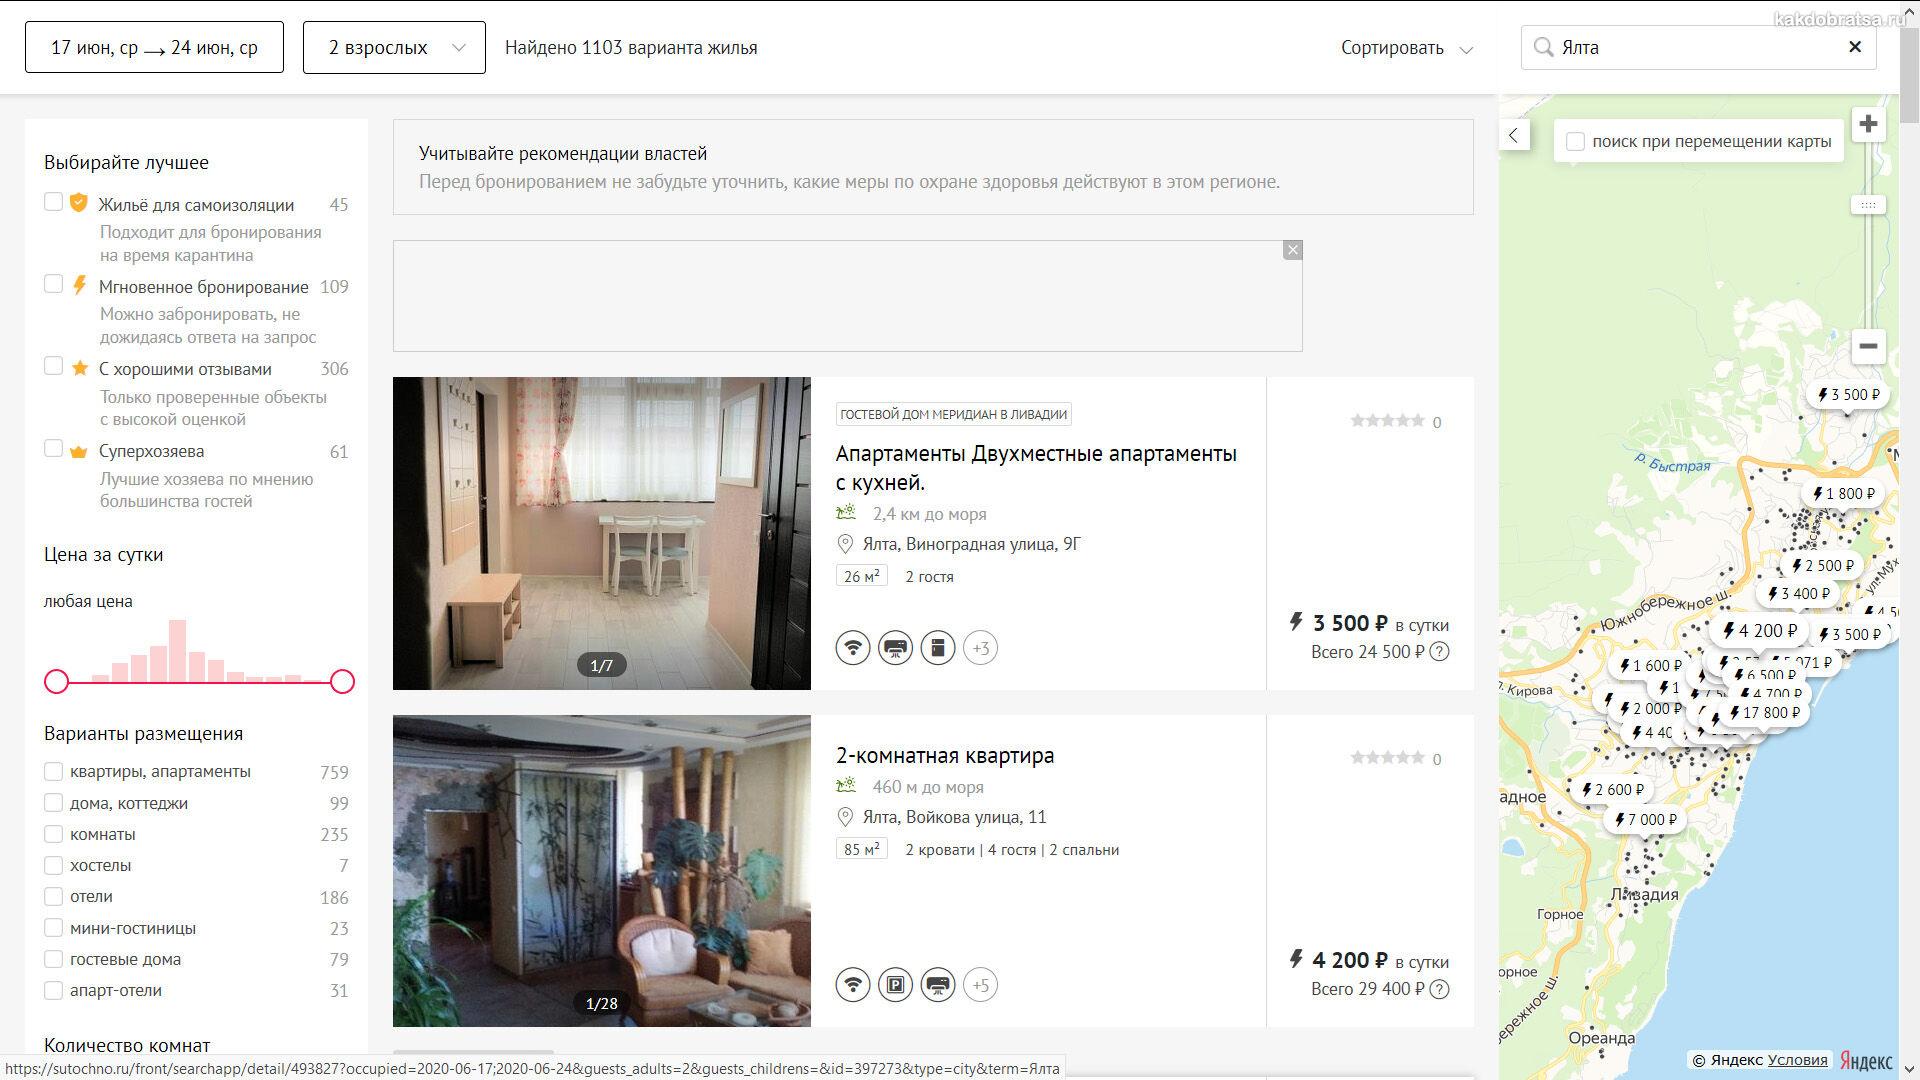 Как забронировать номер в отеле или квартире на веб-сайте Sutochno.ru в Крыму шаг 2